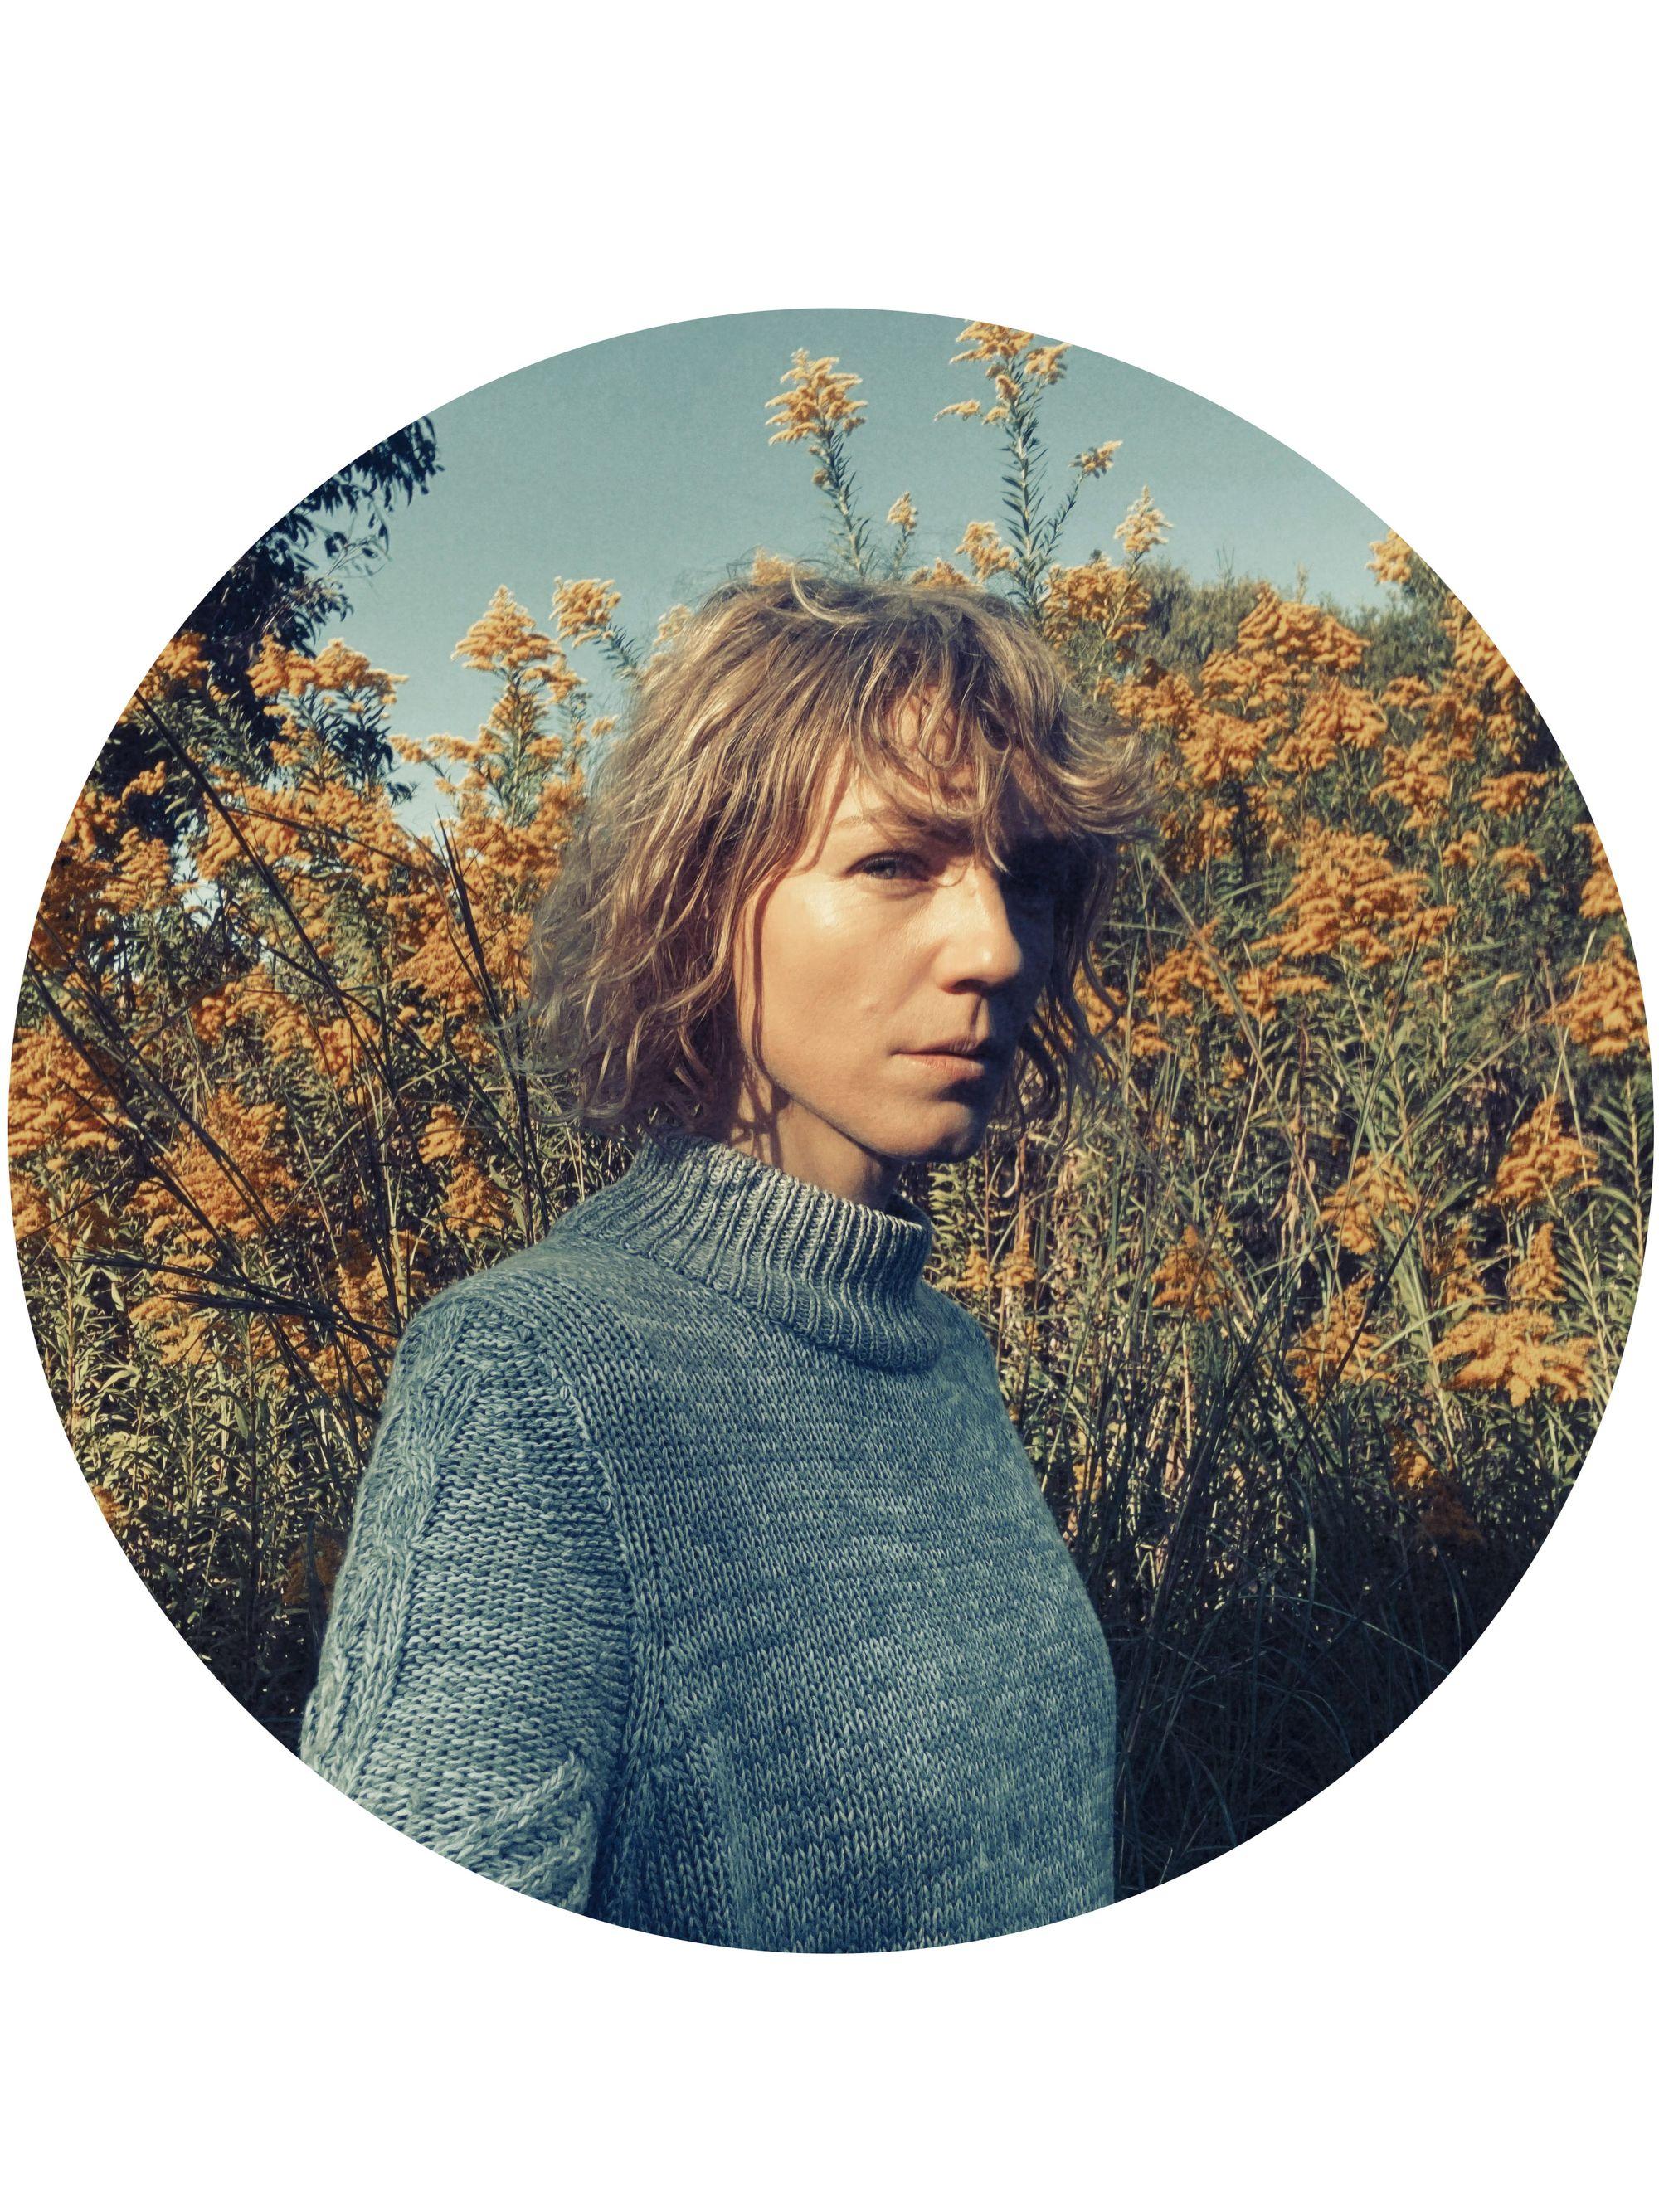 Hannah Robinson Photographer